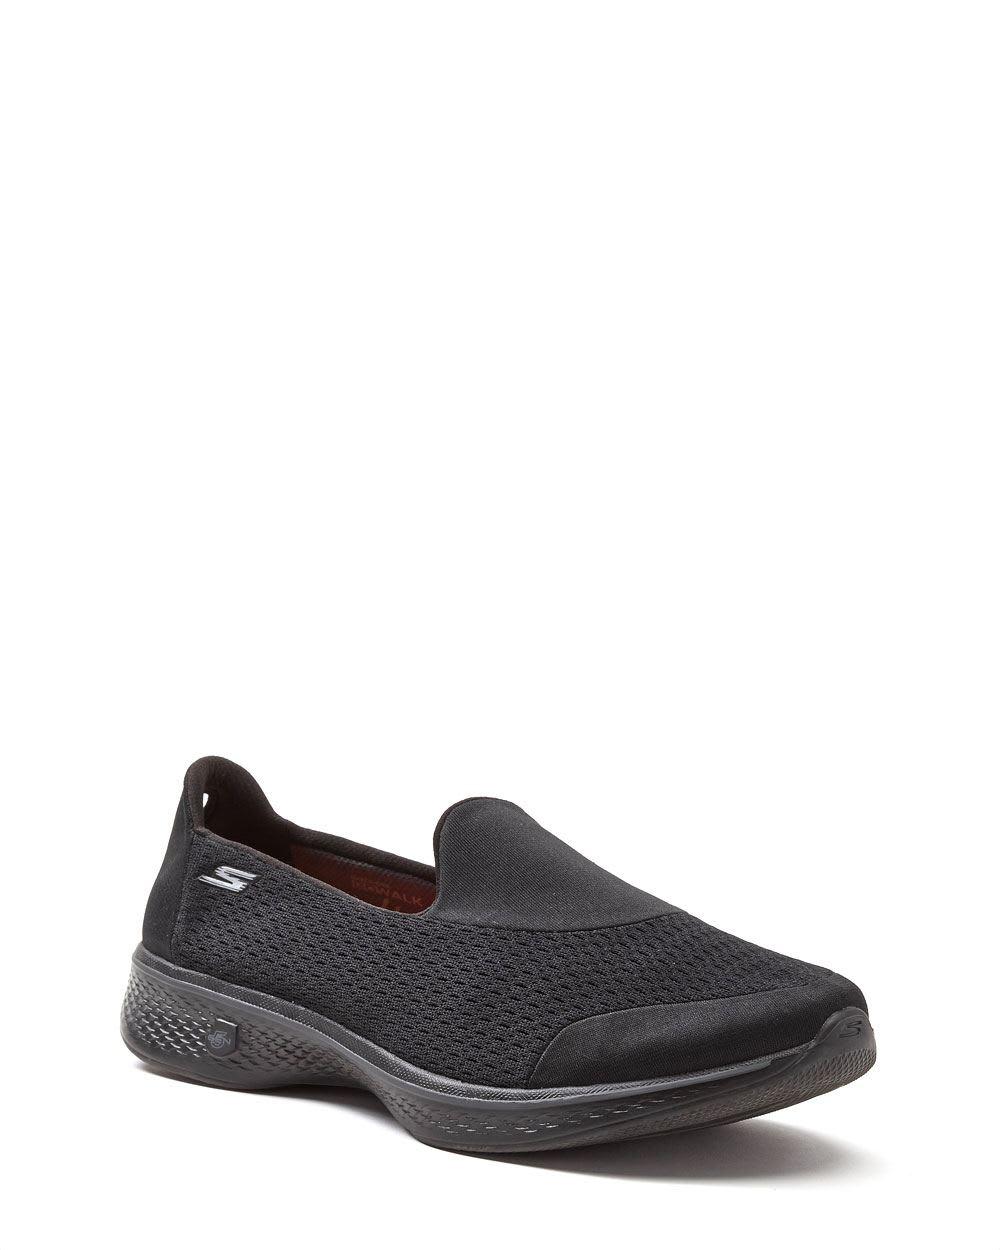 Skechers Wide-Width Slip On Shoes